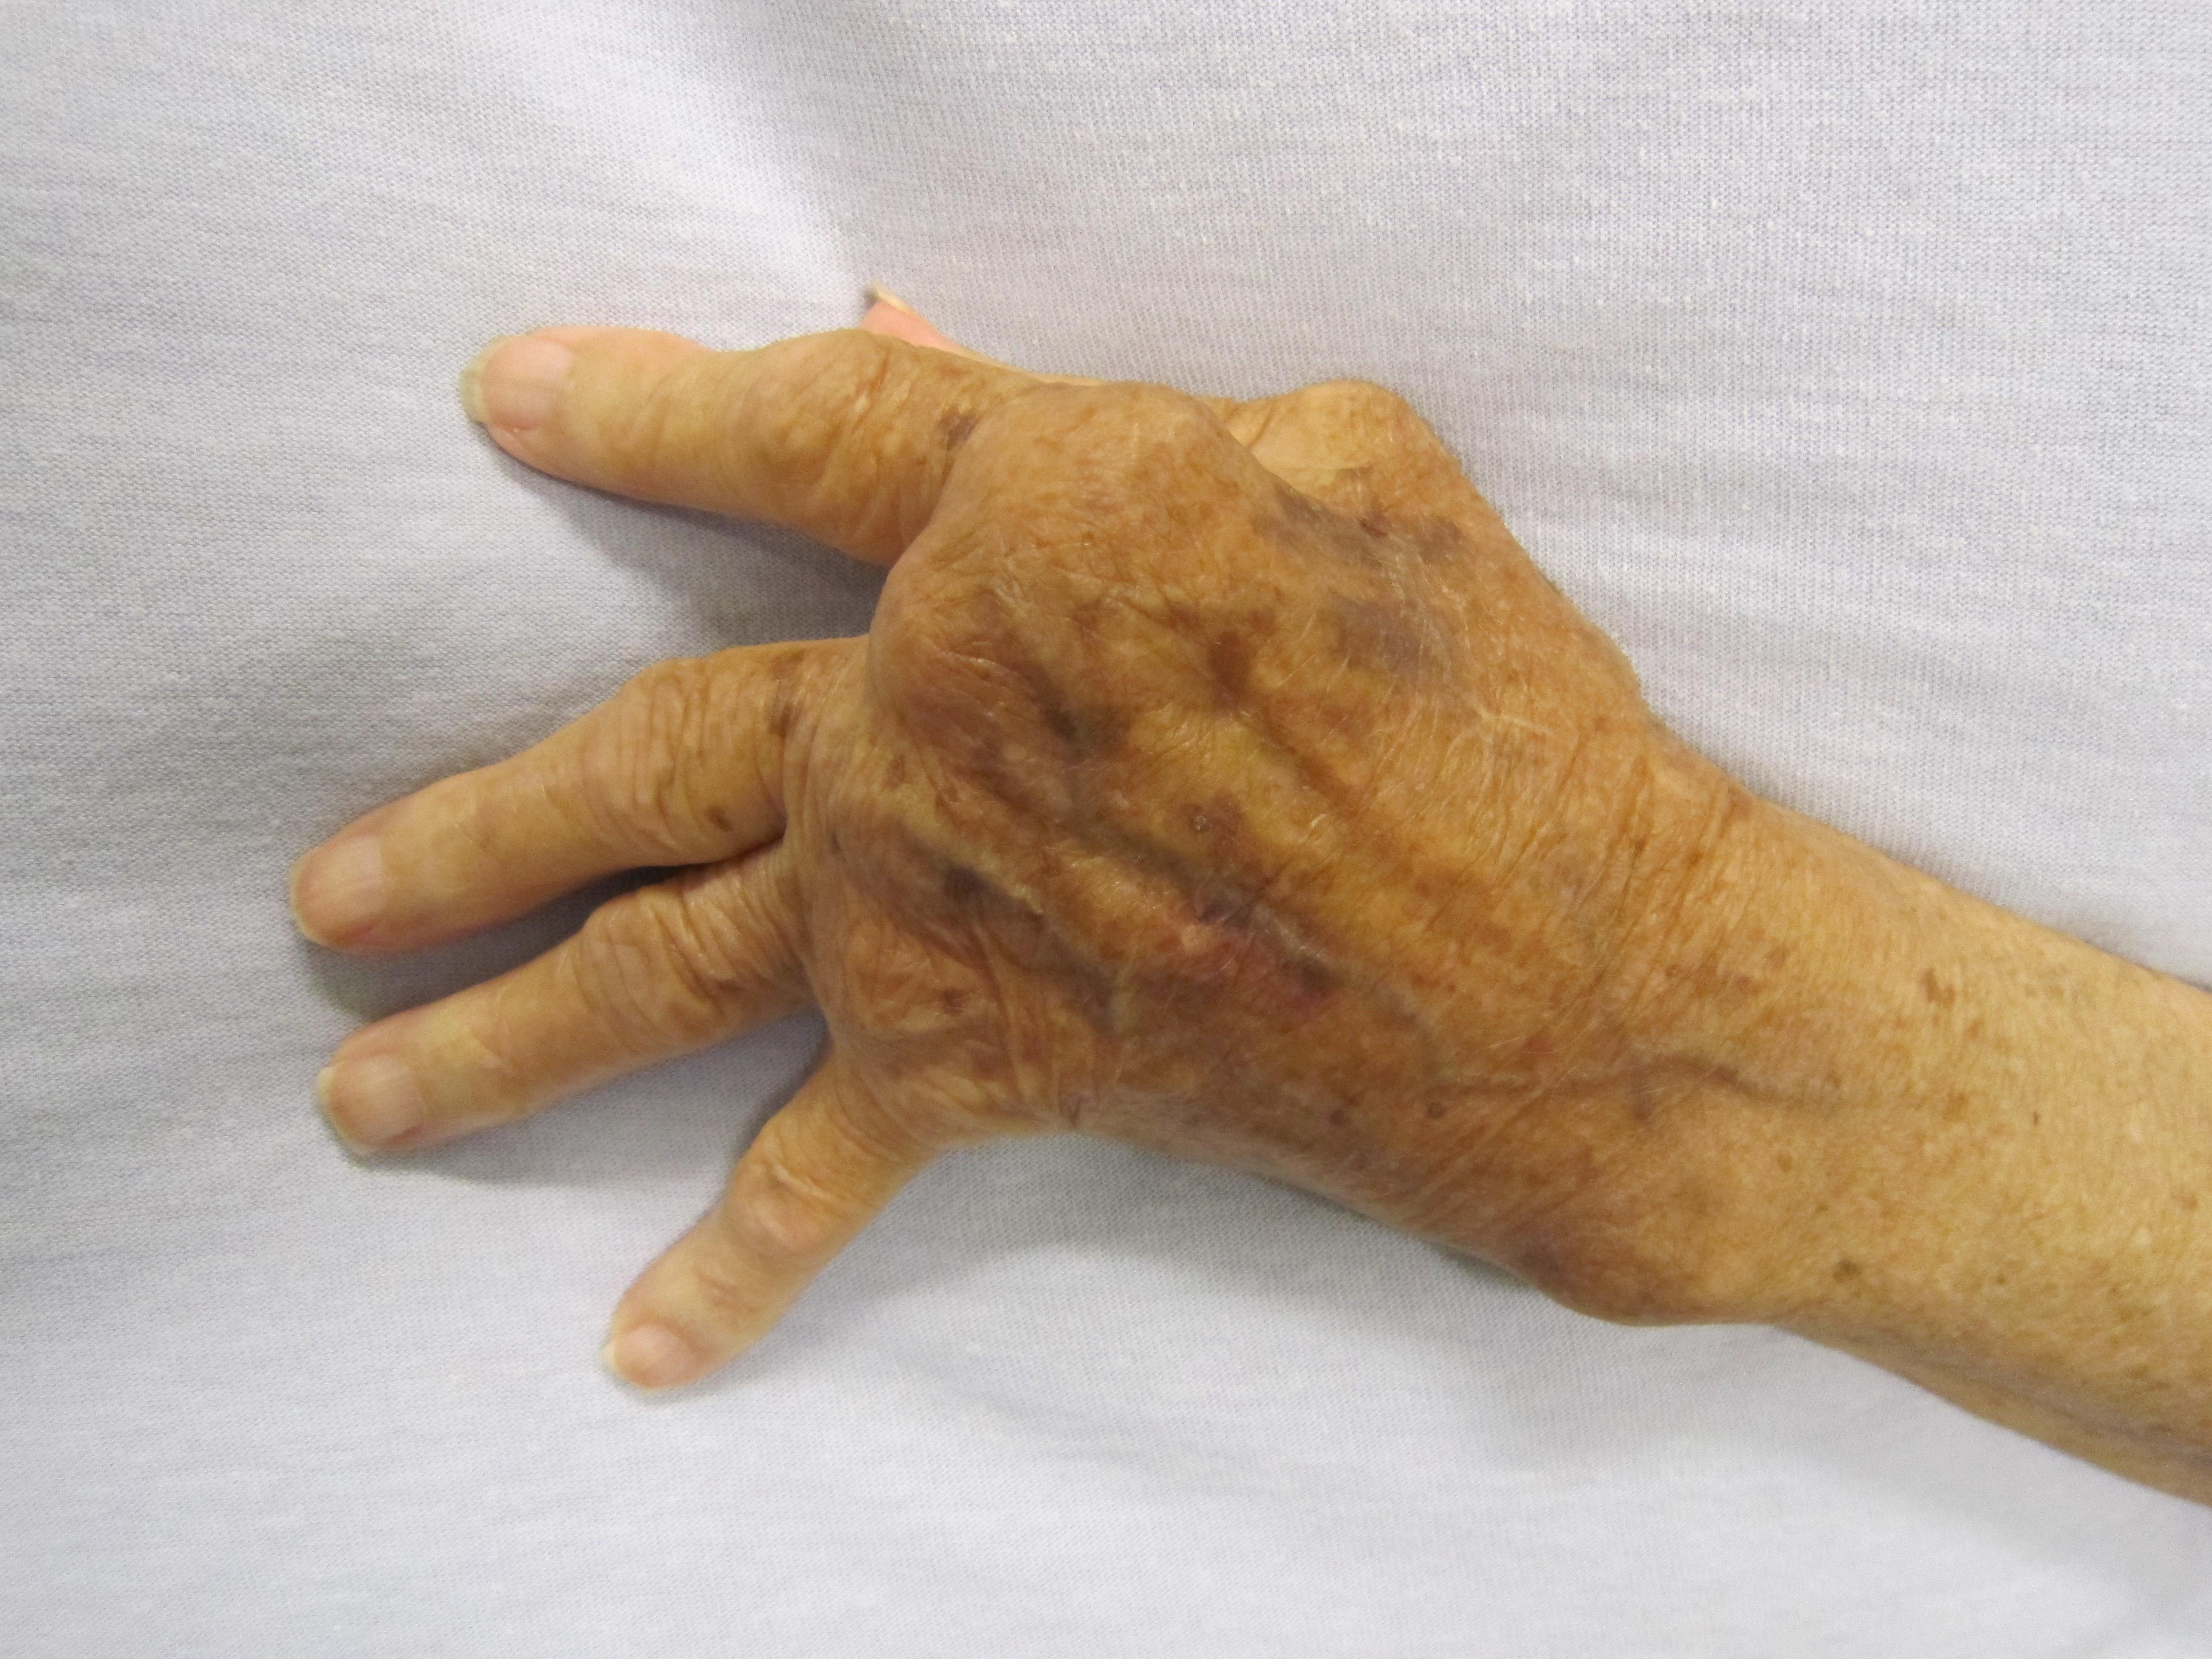 az idegrendszer károsodása kötőszöveti betegségek esetén)